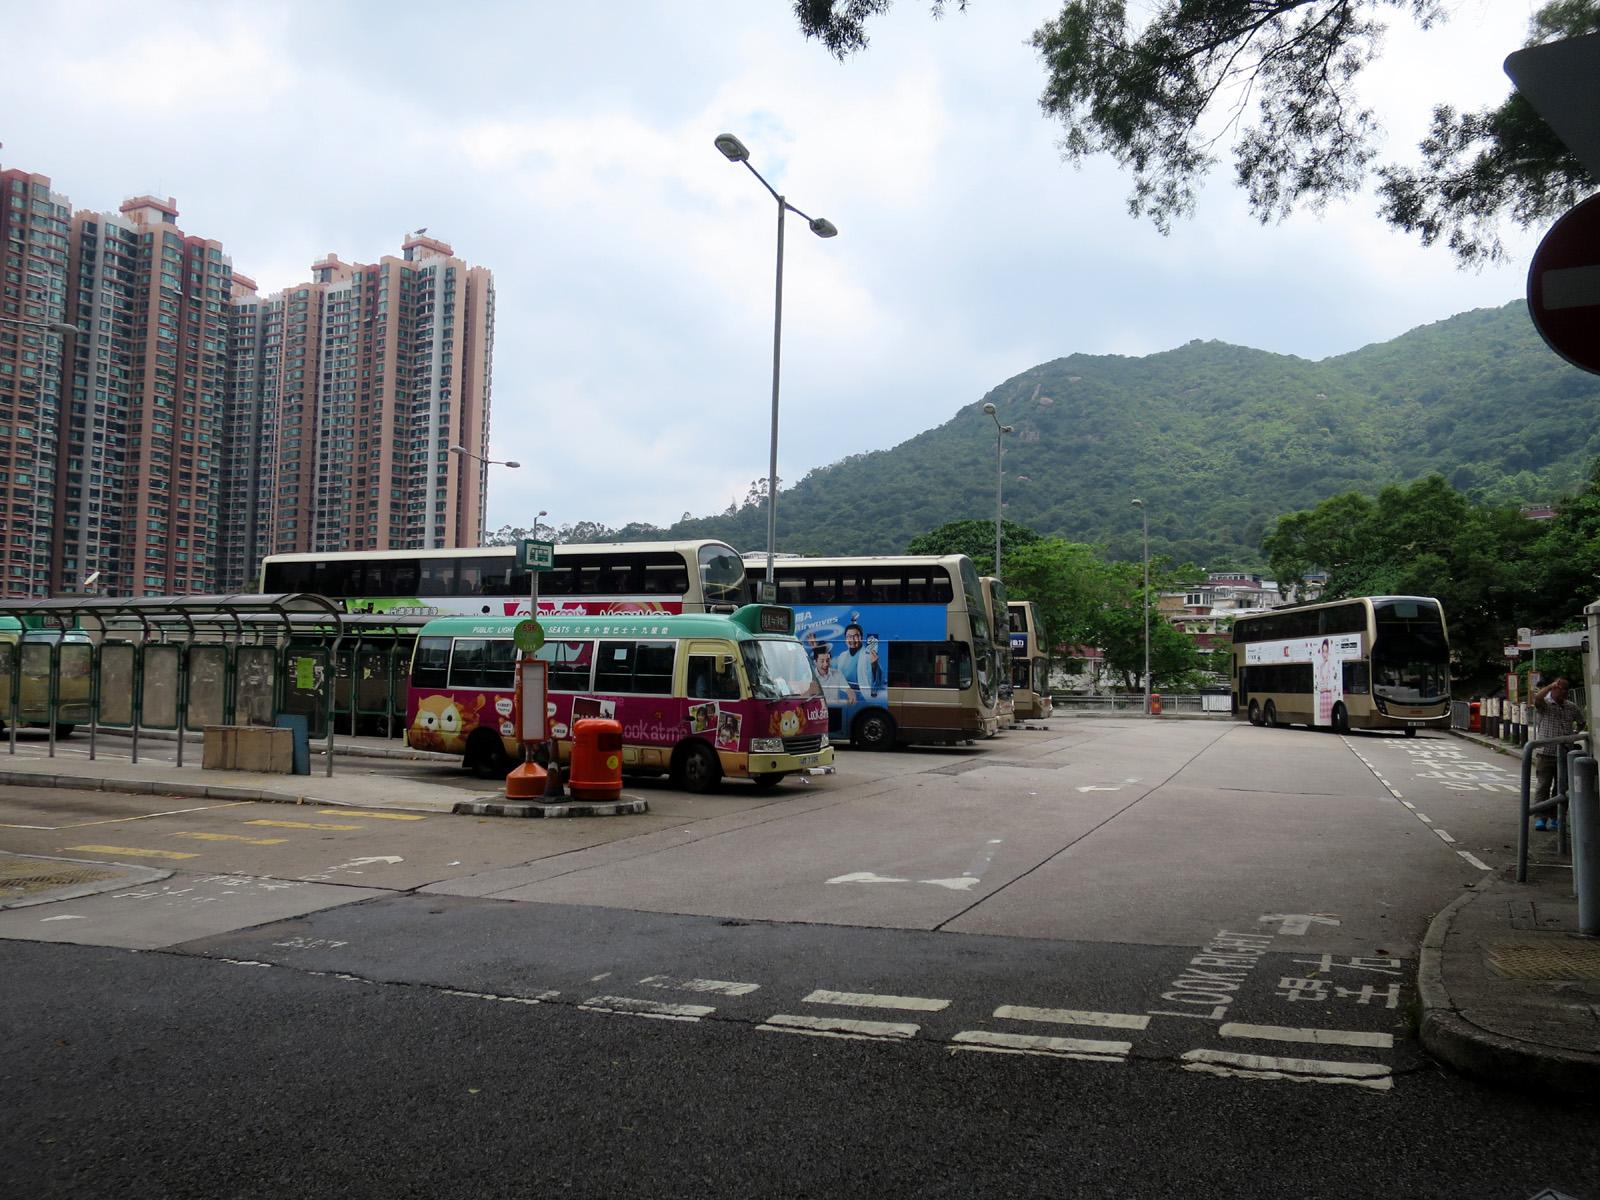 黃泥頭公共運輸交匯處